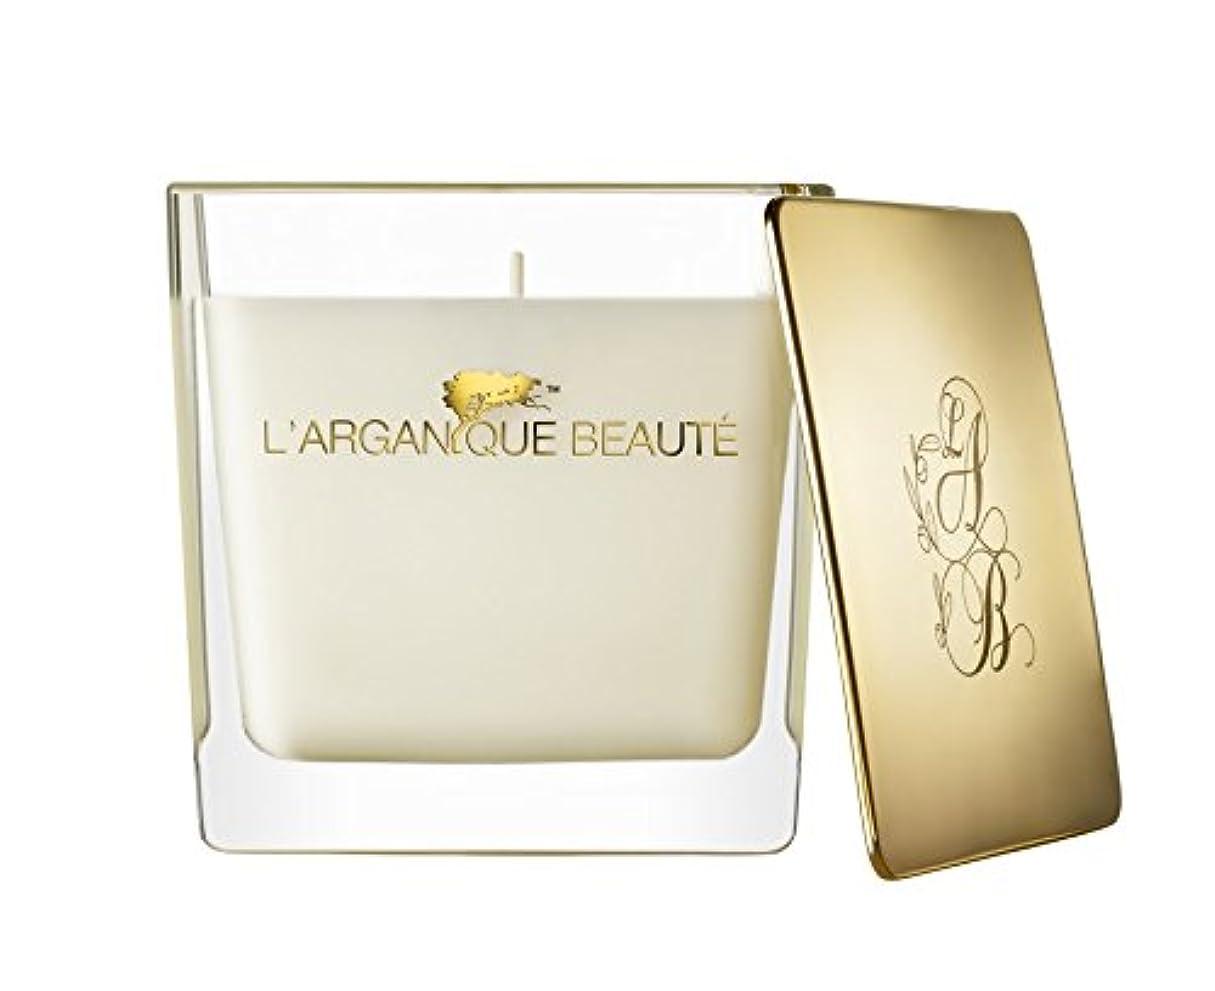 活気づける含意爆弾L 'arganique Beaute Luxury Scented Candle、Perfumed香りSpa Candle – Made w / 100 %大豆ワックス、鉛フリーWick、純粋なモロッコアルガンオイルEssence...